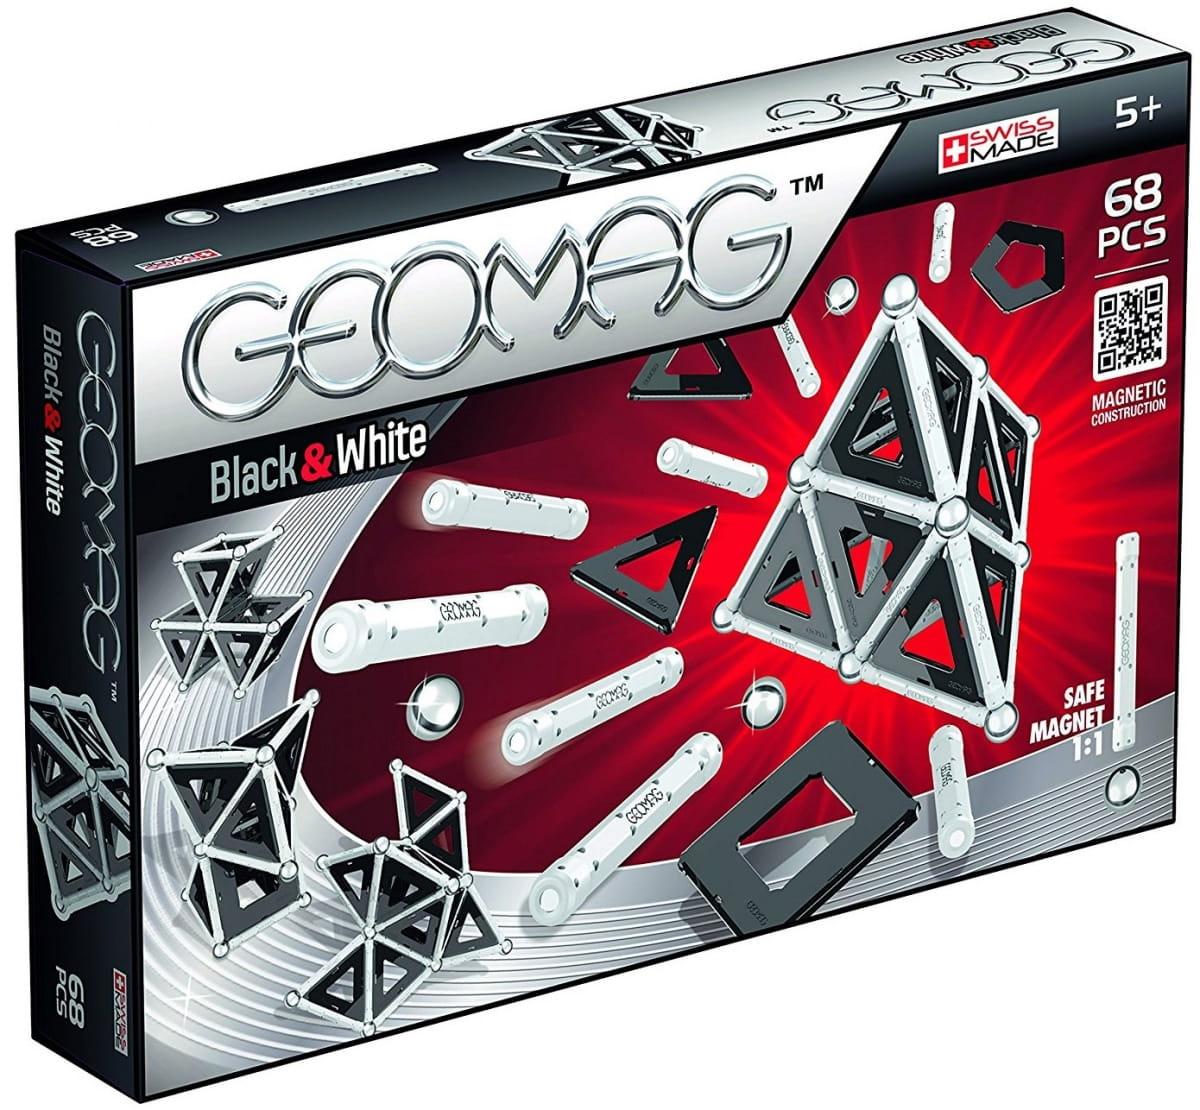 Магнитный конструктор GEOMAG Black and White  68 деталей - Магнитные конструкторы